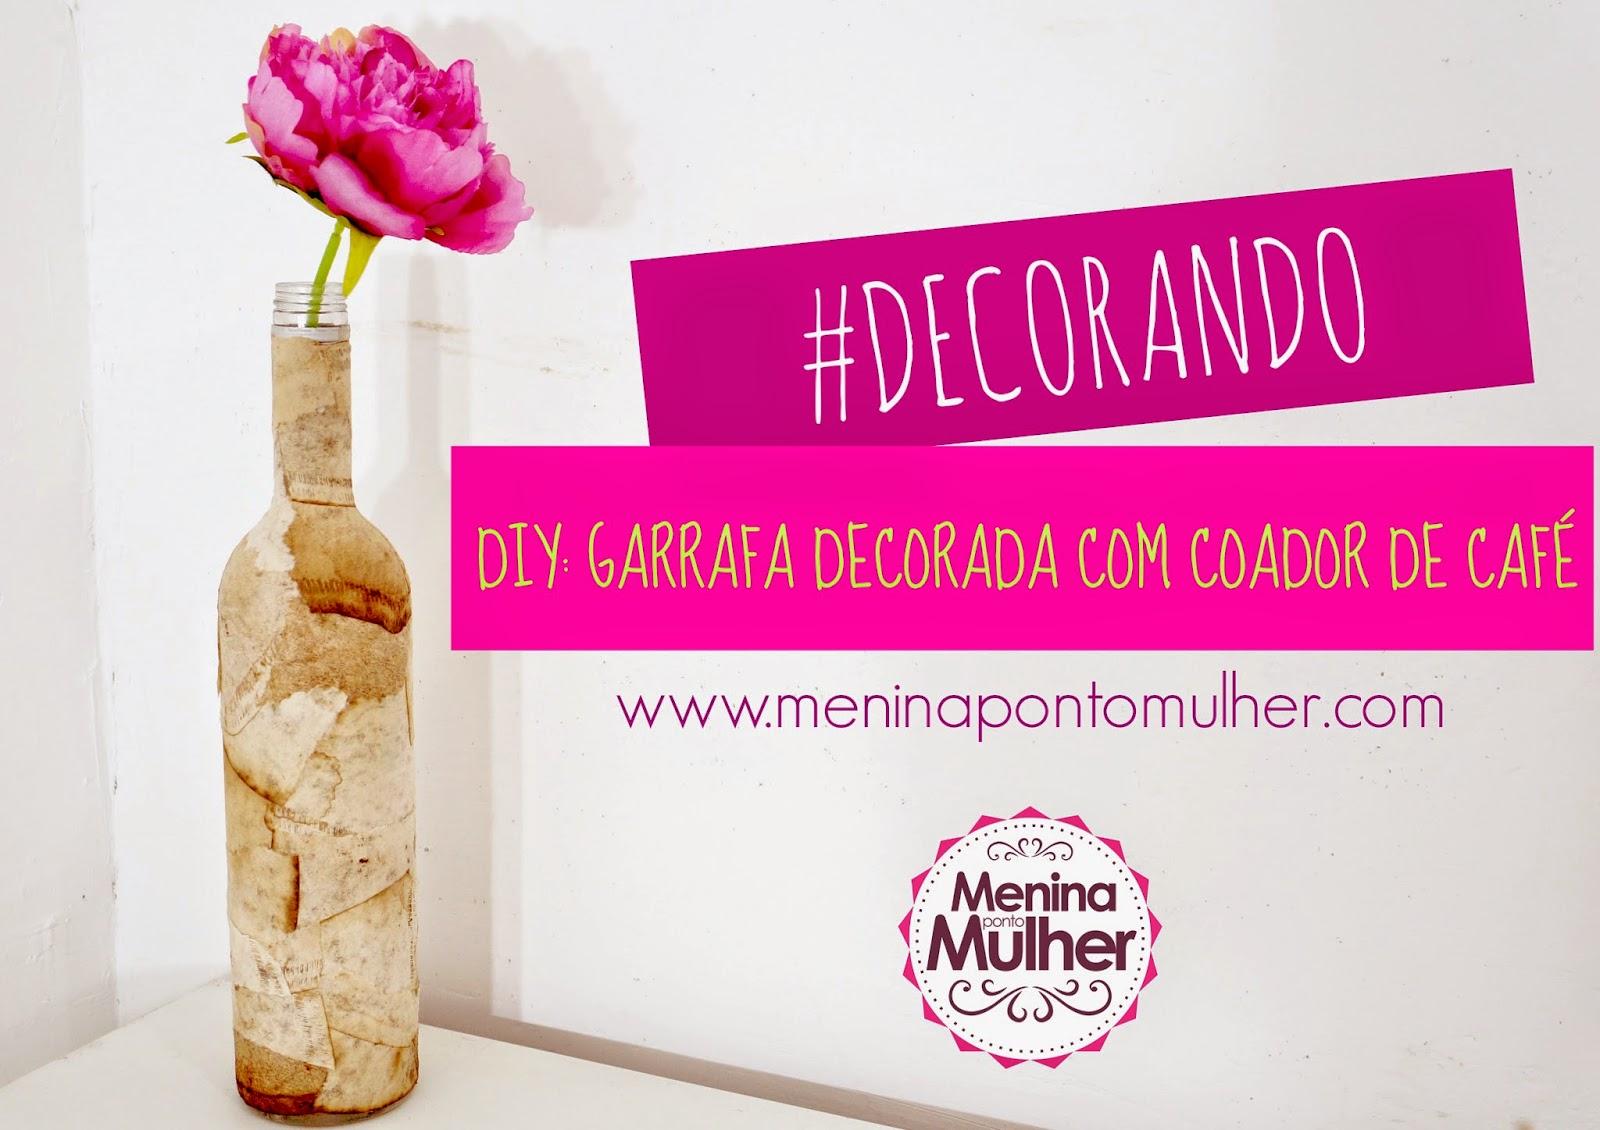 Menina Mulher #NOVOVÍDEO || DIY Garrafa decorada com filtro de Café